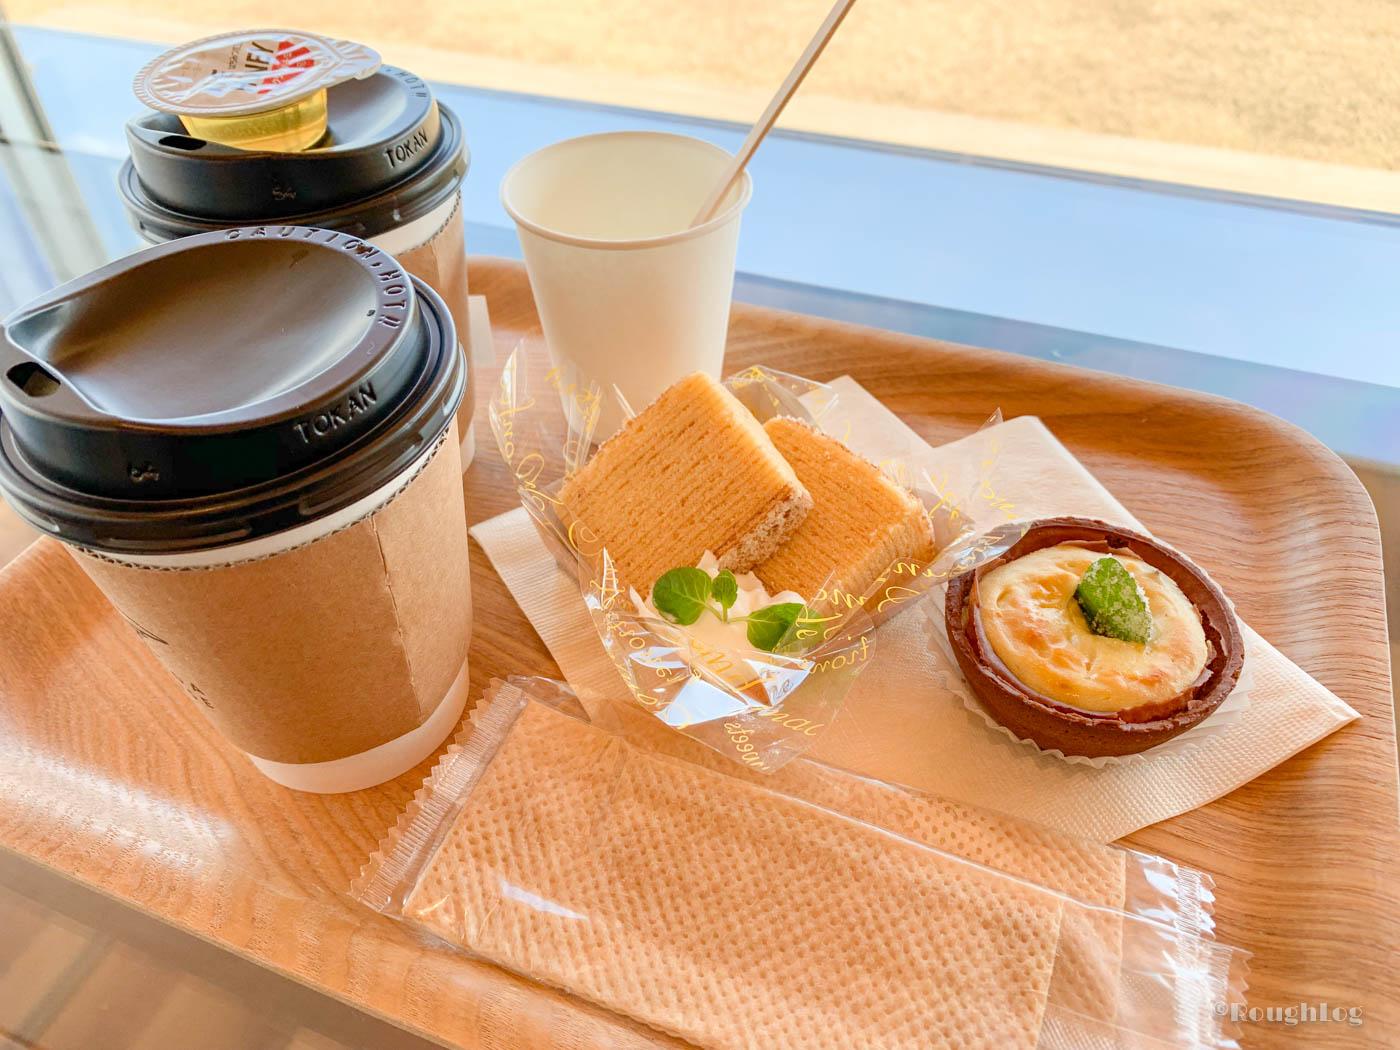 コエダハウスの珈琲・コエダクーヘン・熱海タルトフロマージュ(限定品のショコラミント)